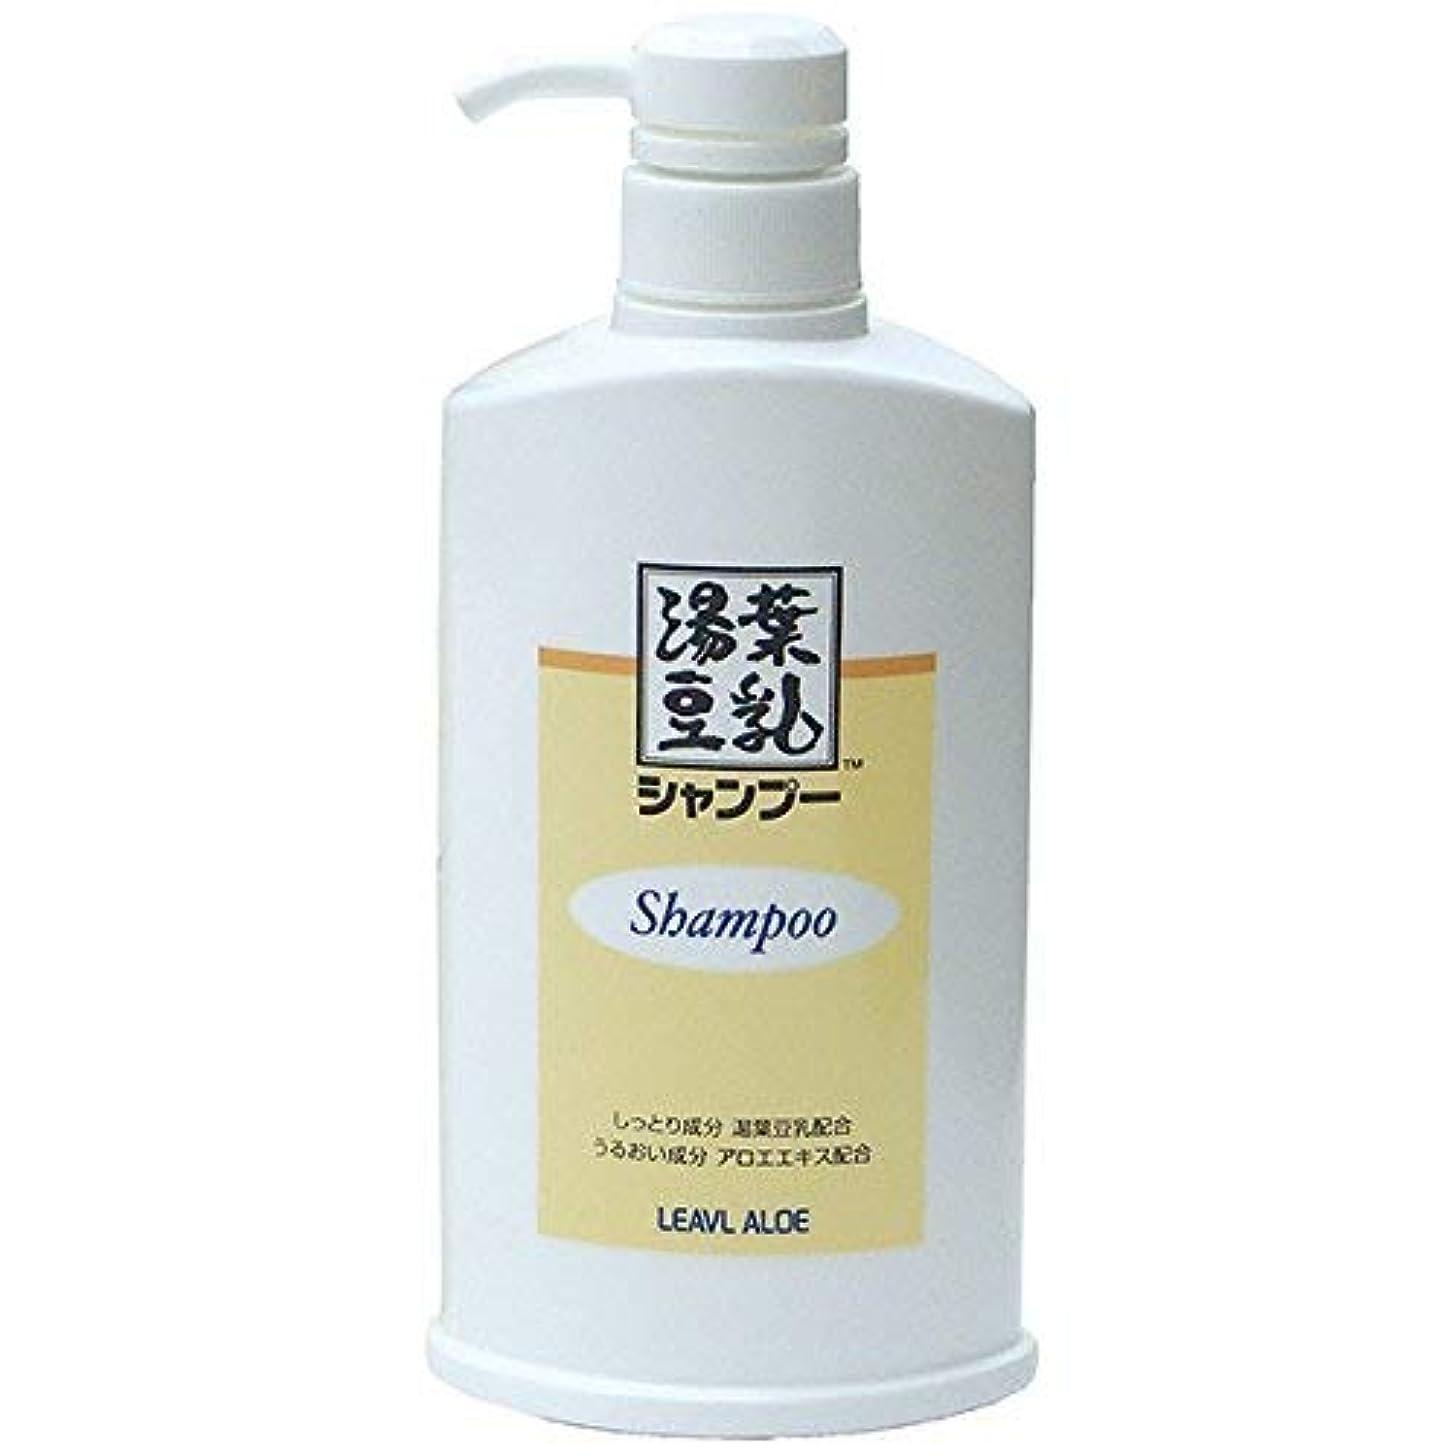 エクスタシーめる触手湯葉豆乳シャンプー 500ml